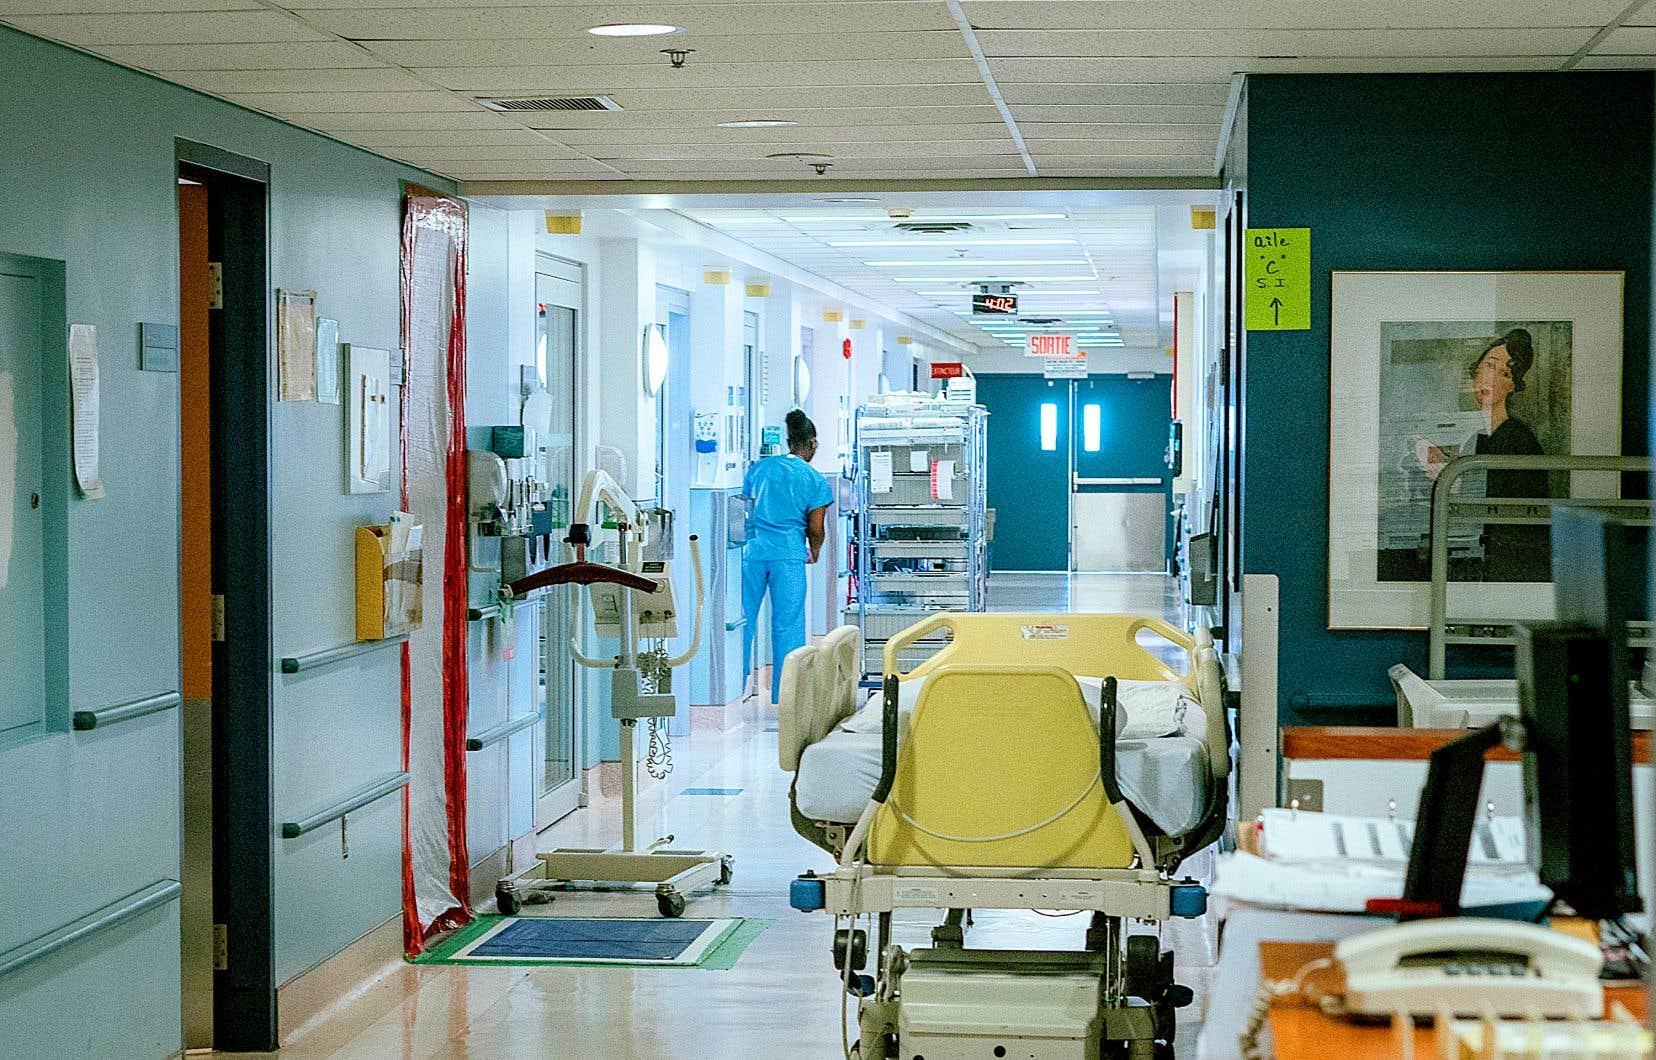 La pénurie de personnel est généralisée dans les unités de soins intensifs au Québec, selon le D<sup>r</sup>Germain Poirier, président de la Société des intensivistes du Québec.